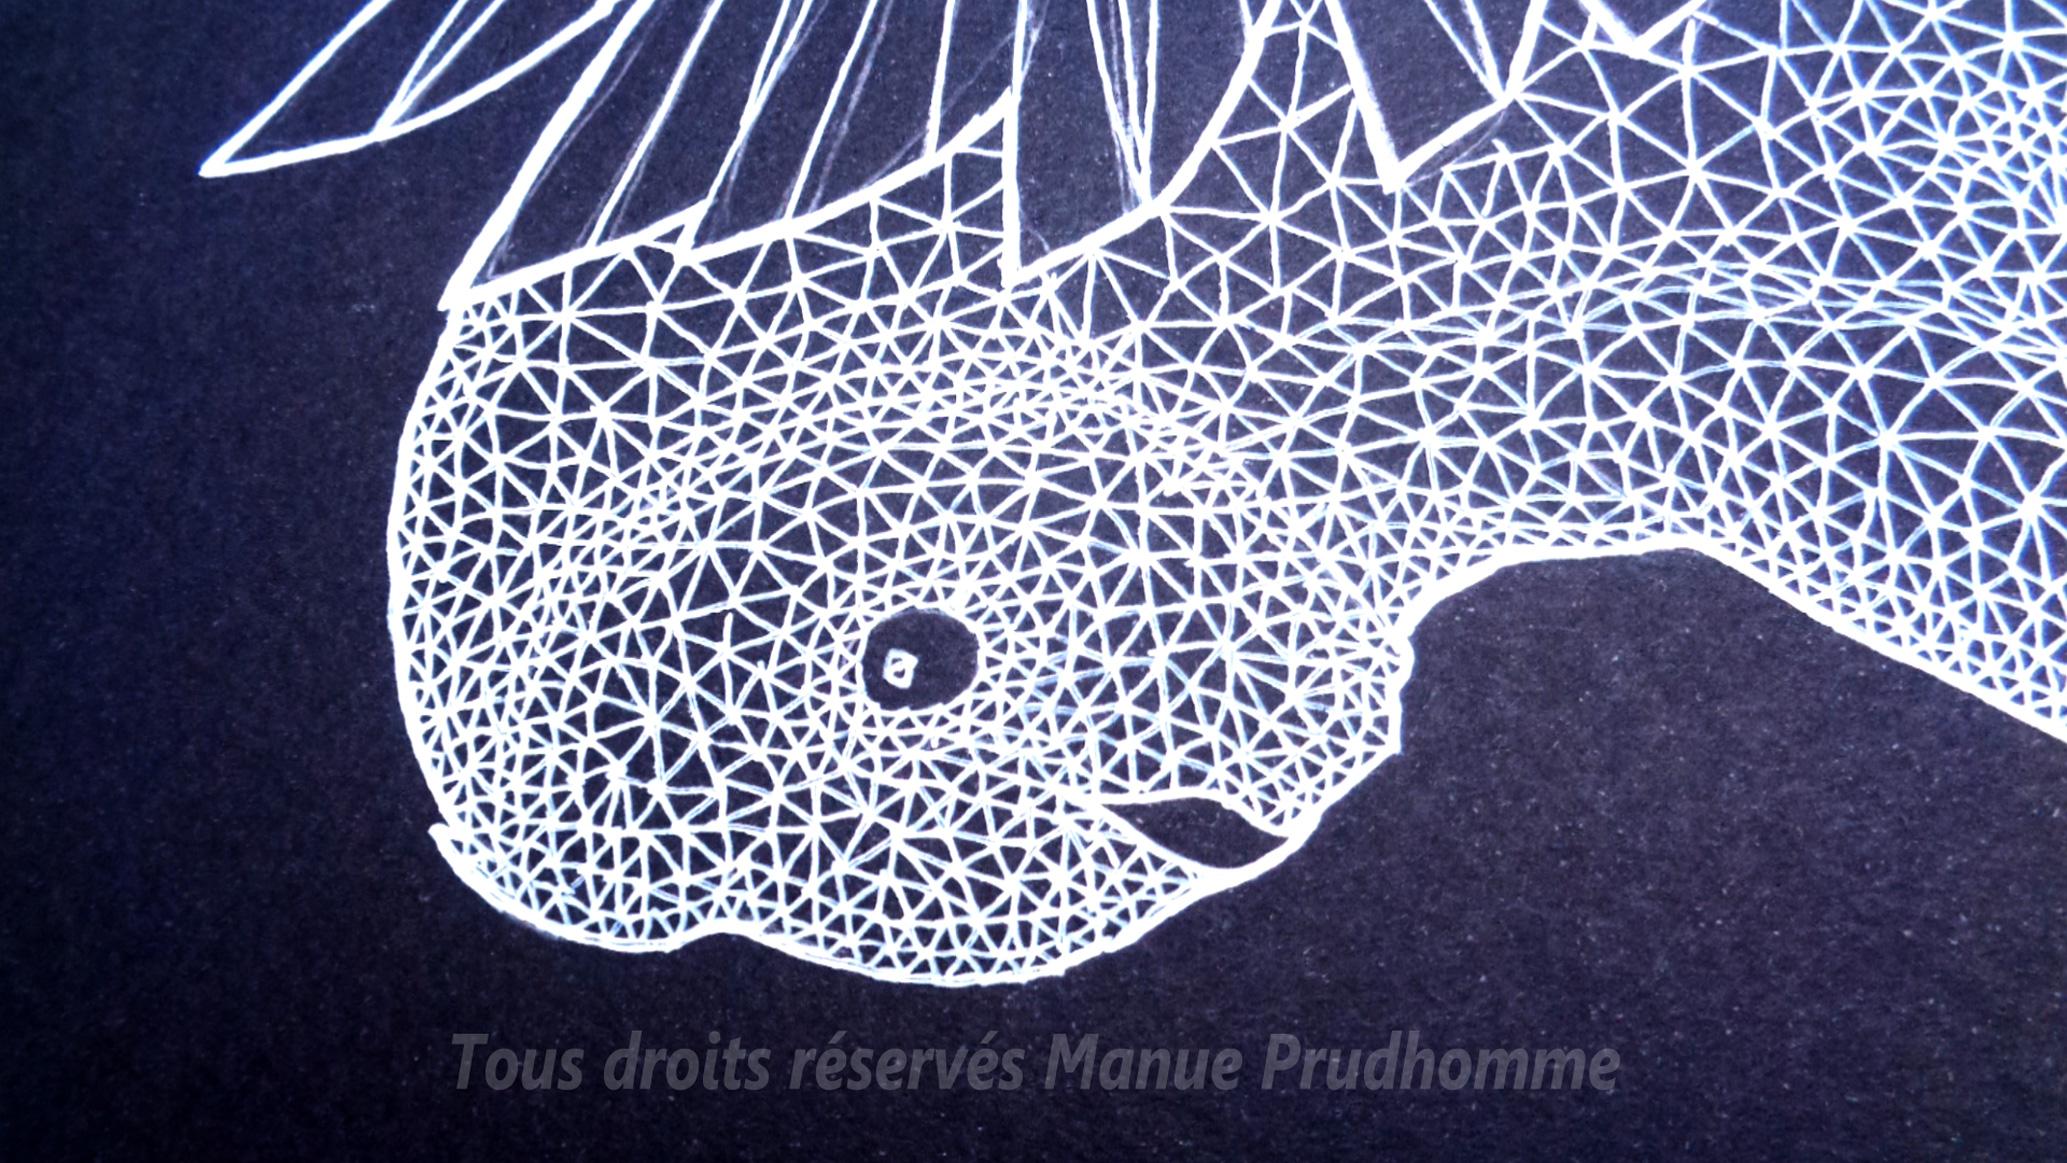 """""""Chouette II"""" par Manue Prudhomme, A3, feutre sur papier noir, 2017"""